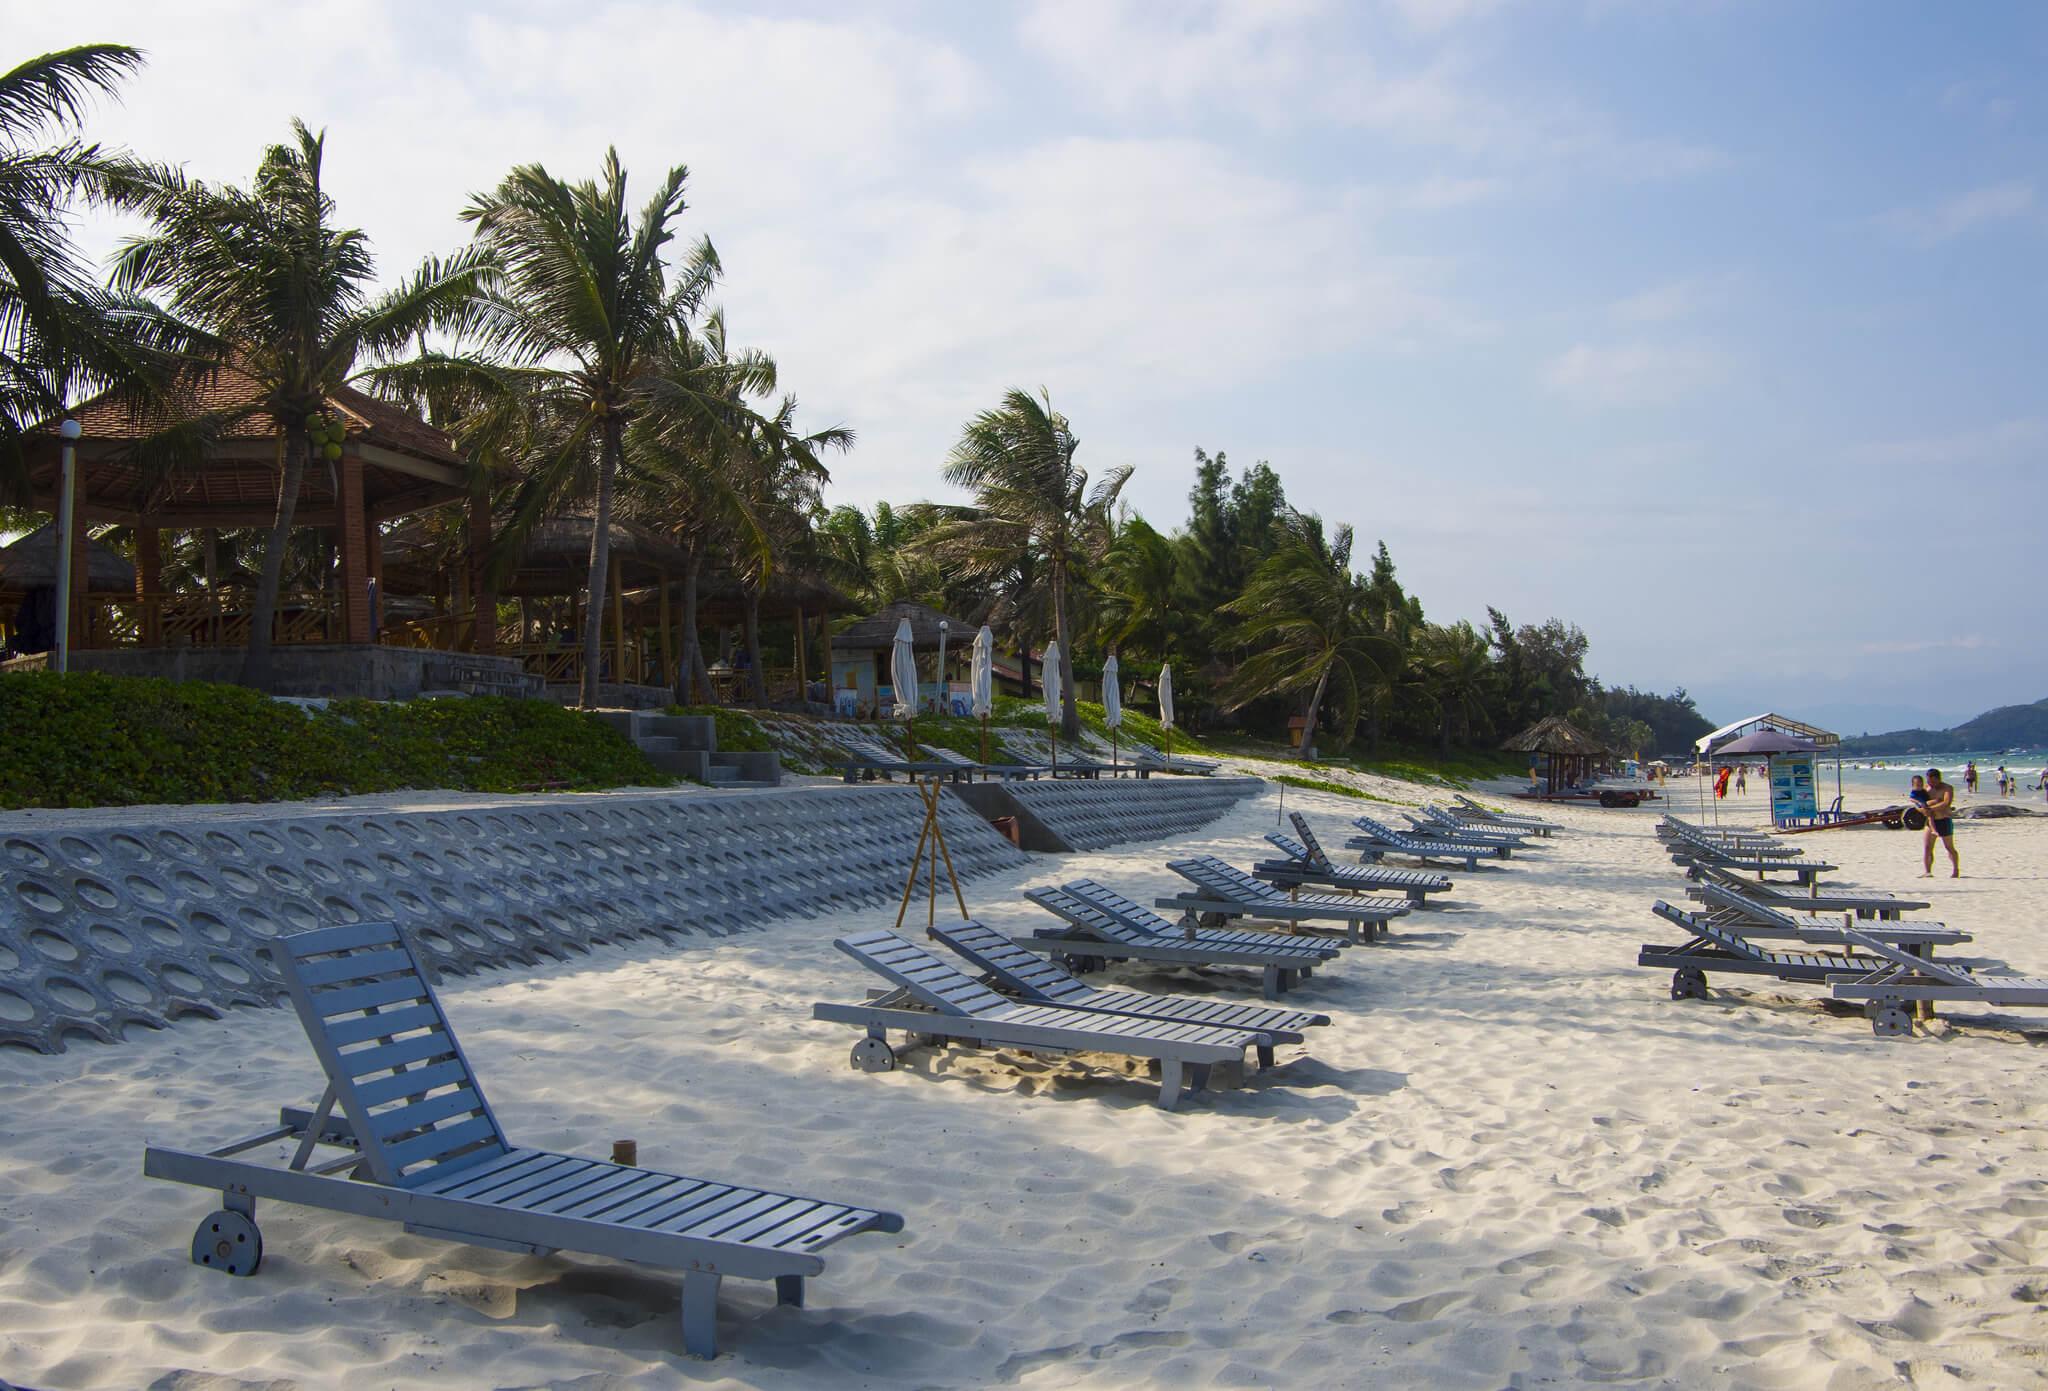 Лежаки на пляже Зоклет